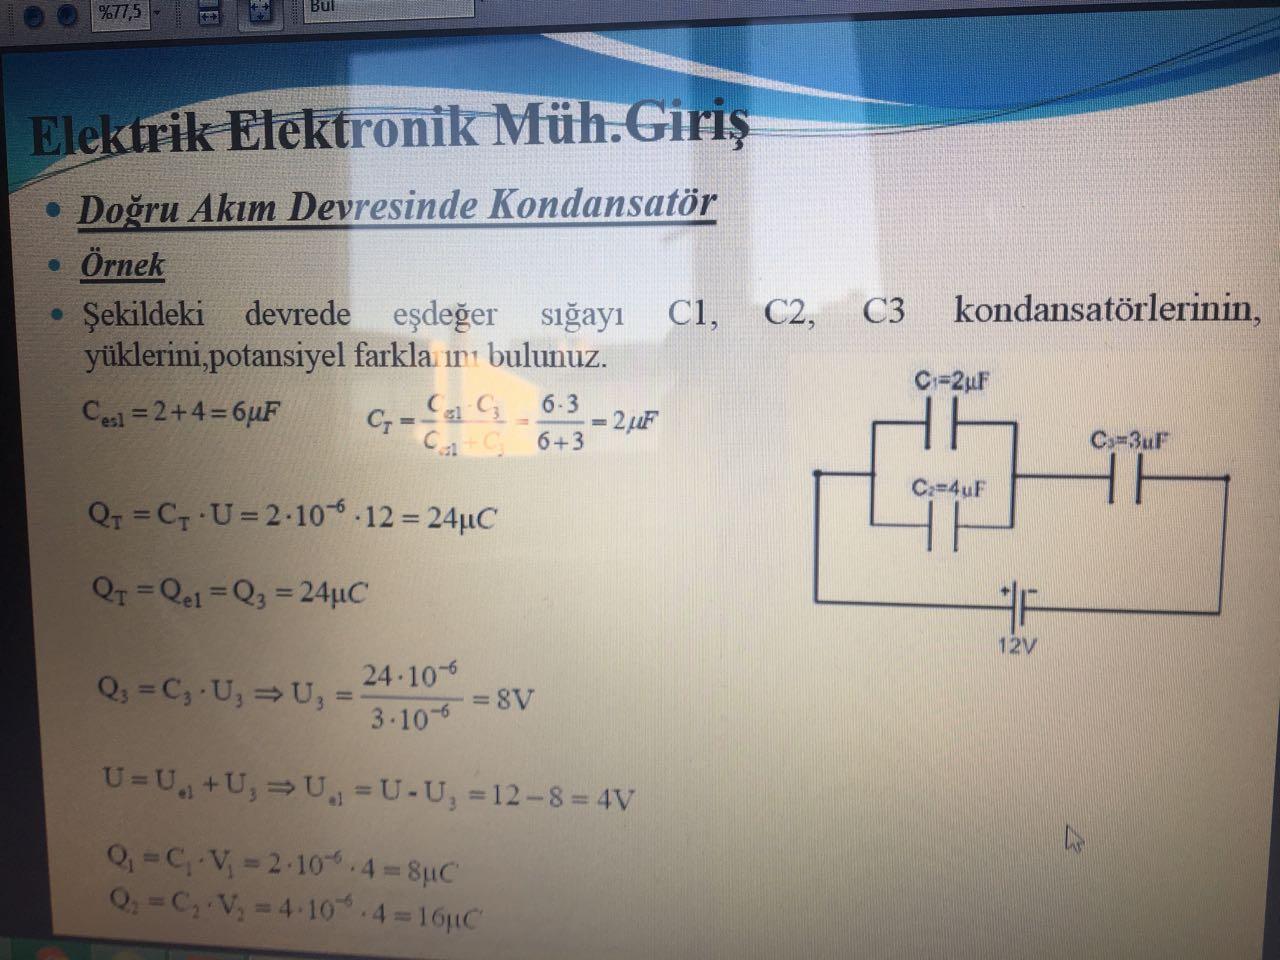 Çukurova Üniversitesi Makine Mühendisliği ve Elektrik-Elektronik Mühendisliği